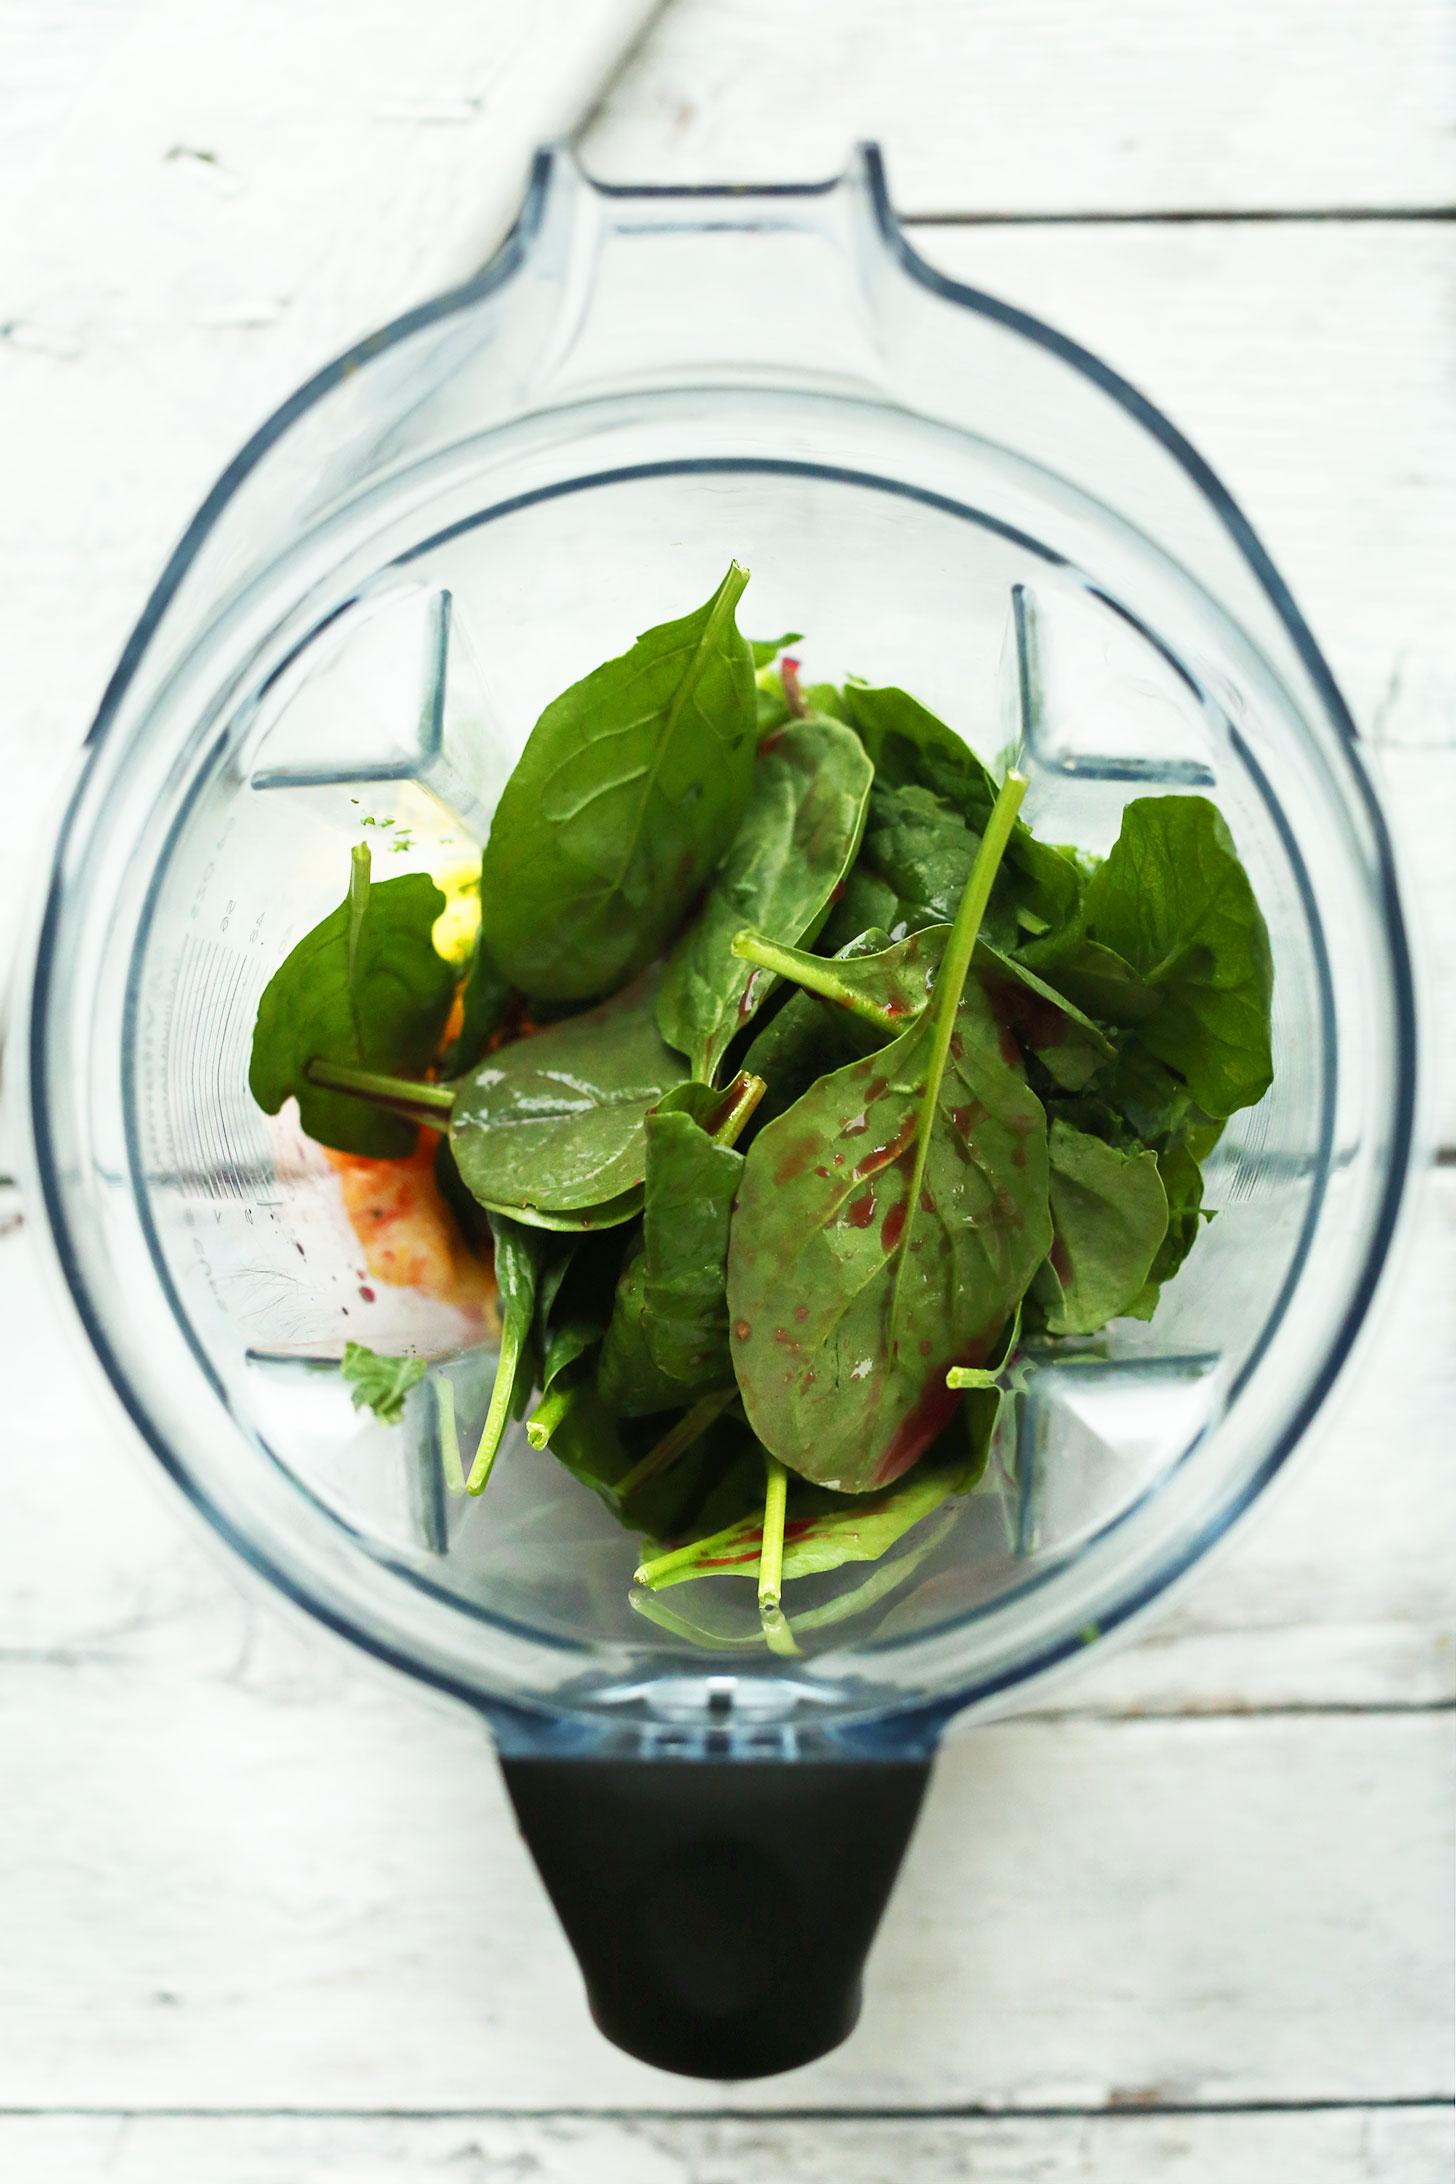 6-Ingredient Blood Orange Green SMOOTHIE! #vegan #smoothie #glutenfree #greensmoothie #healthy #minimalistbaker